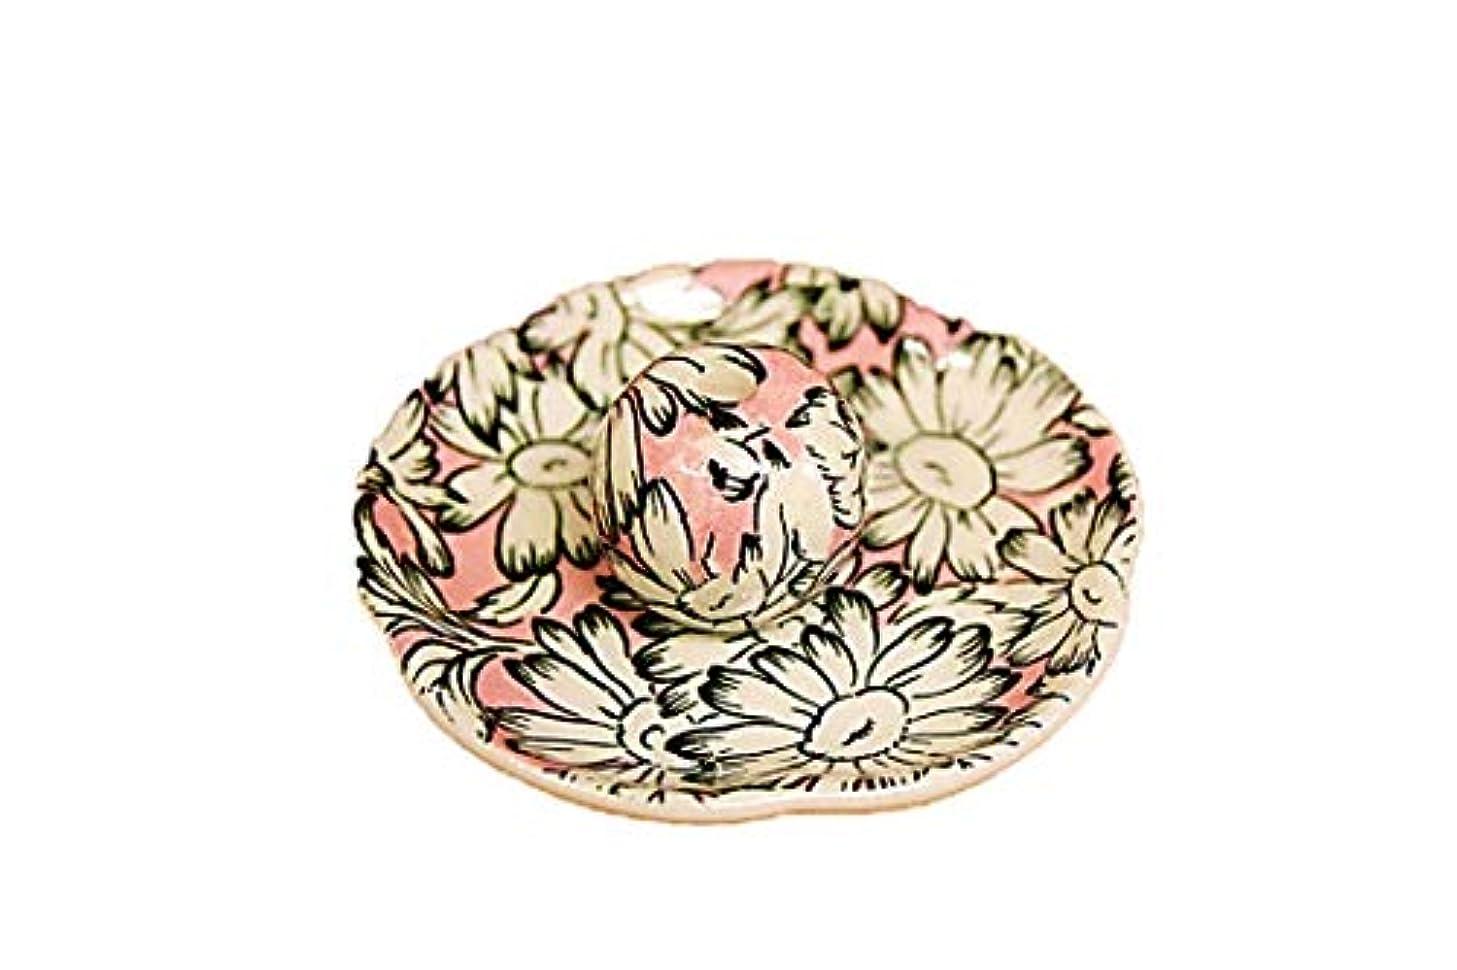 スマイル転用火山のマーガレットピンク 花形香皿 お香立て お香たて 日本製 ACSWEBSHOPオリジナル